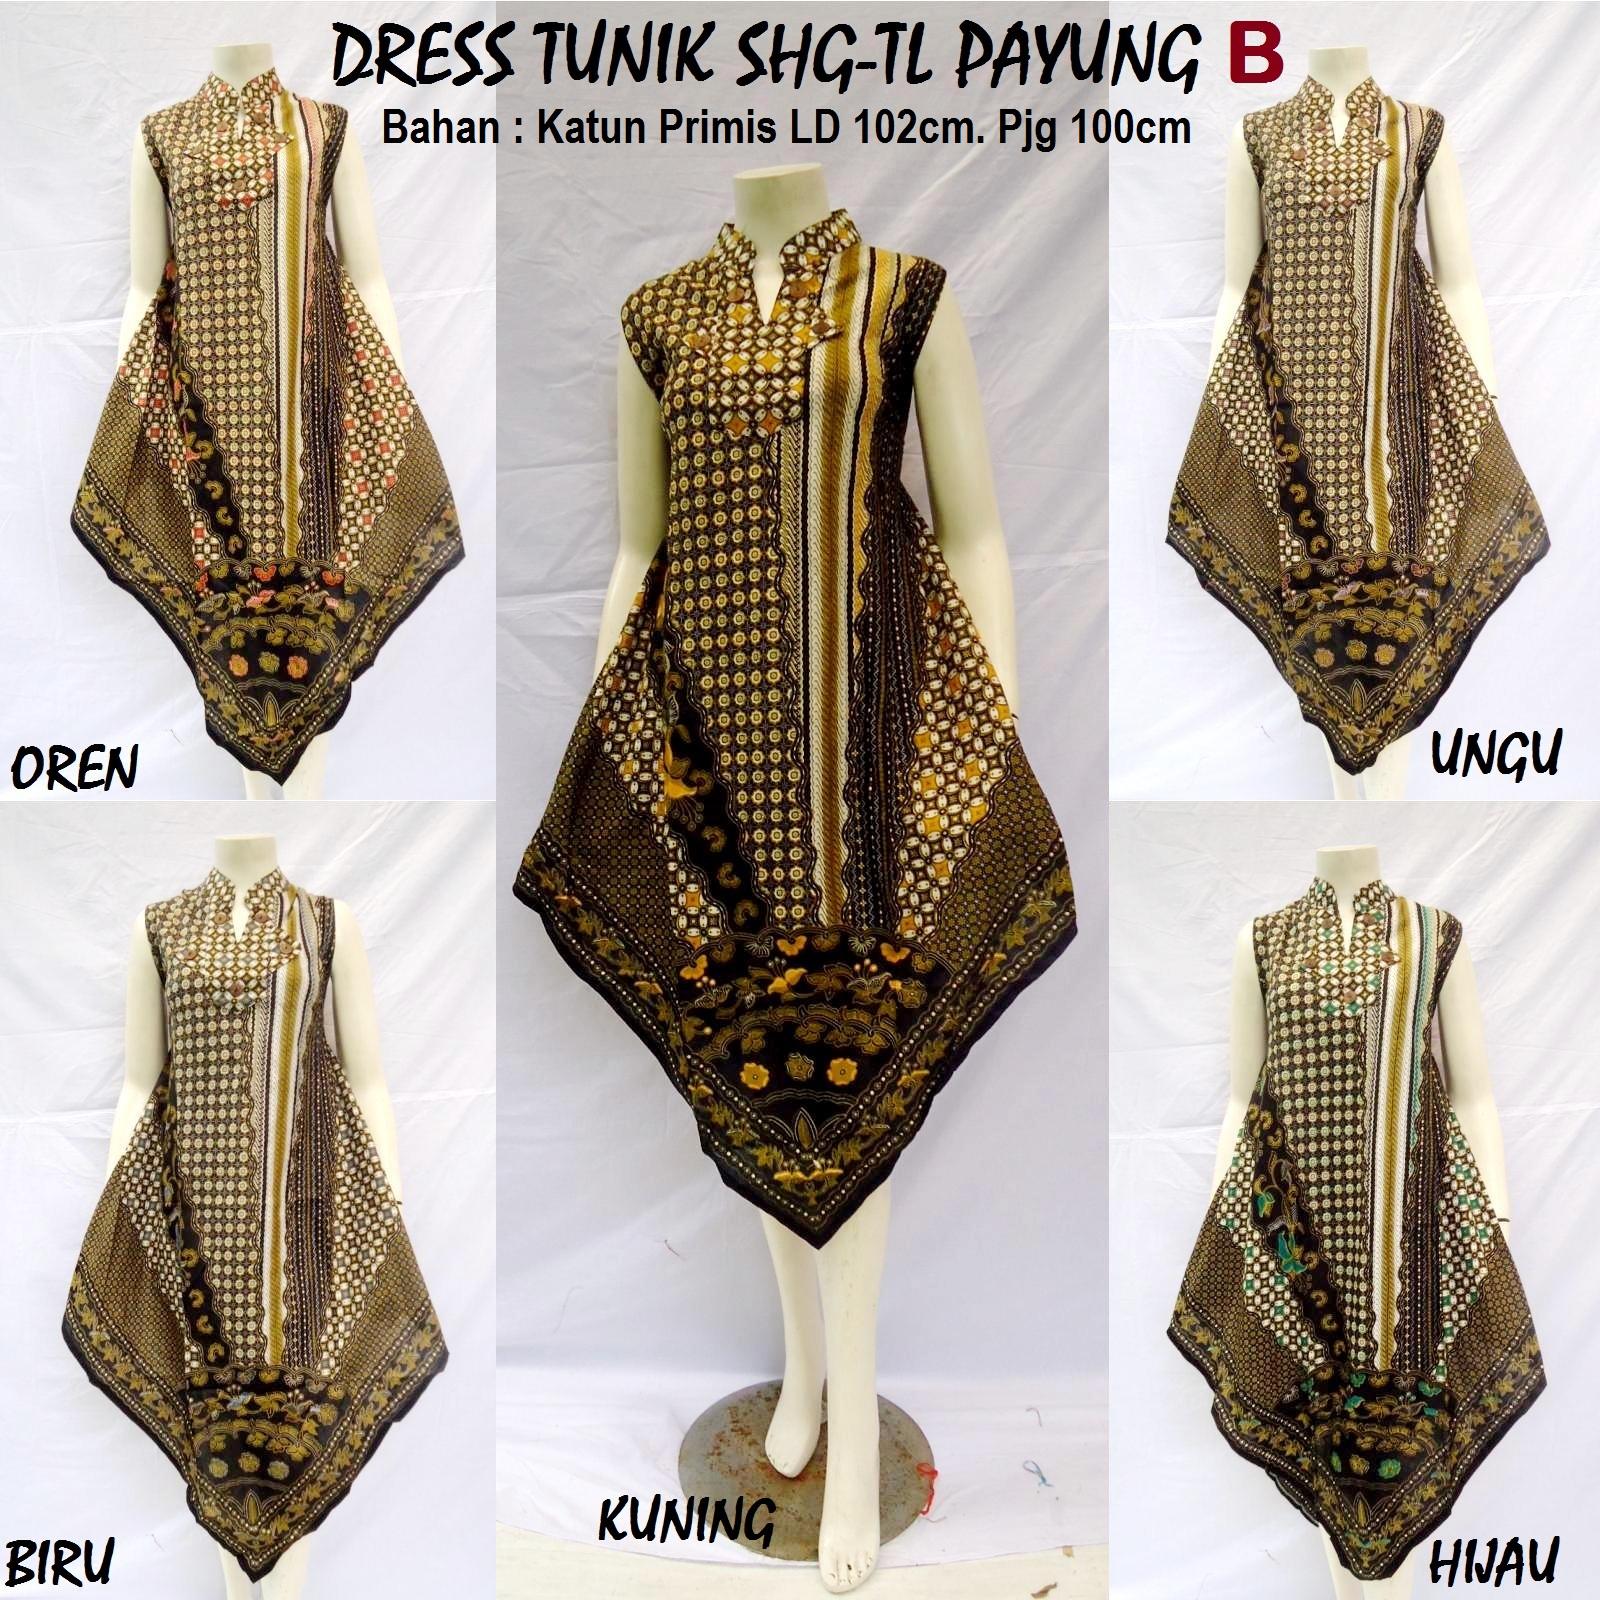 Produksi dan menjual grosireceran baju batik jadi DRESS TUNIK